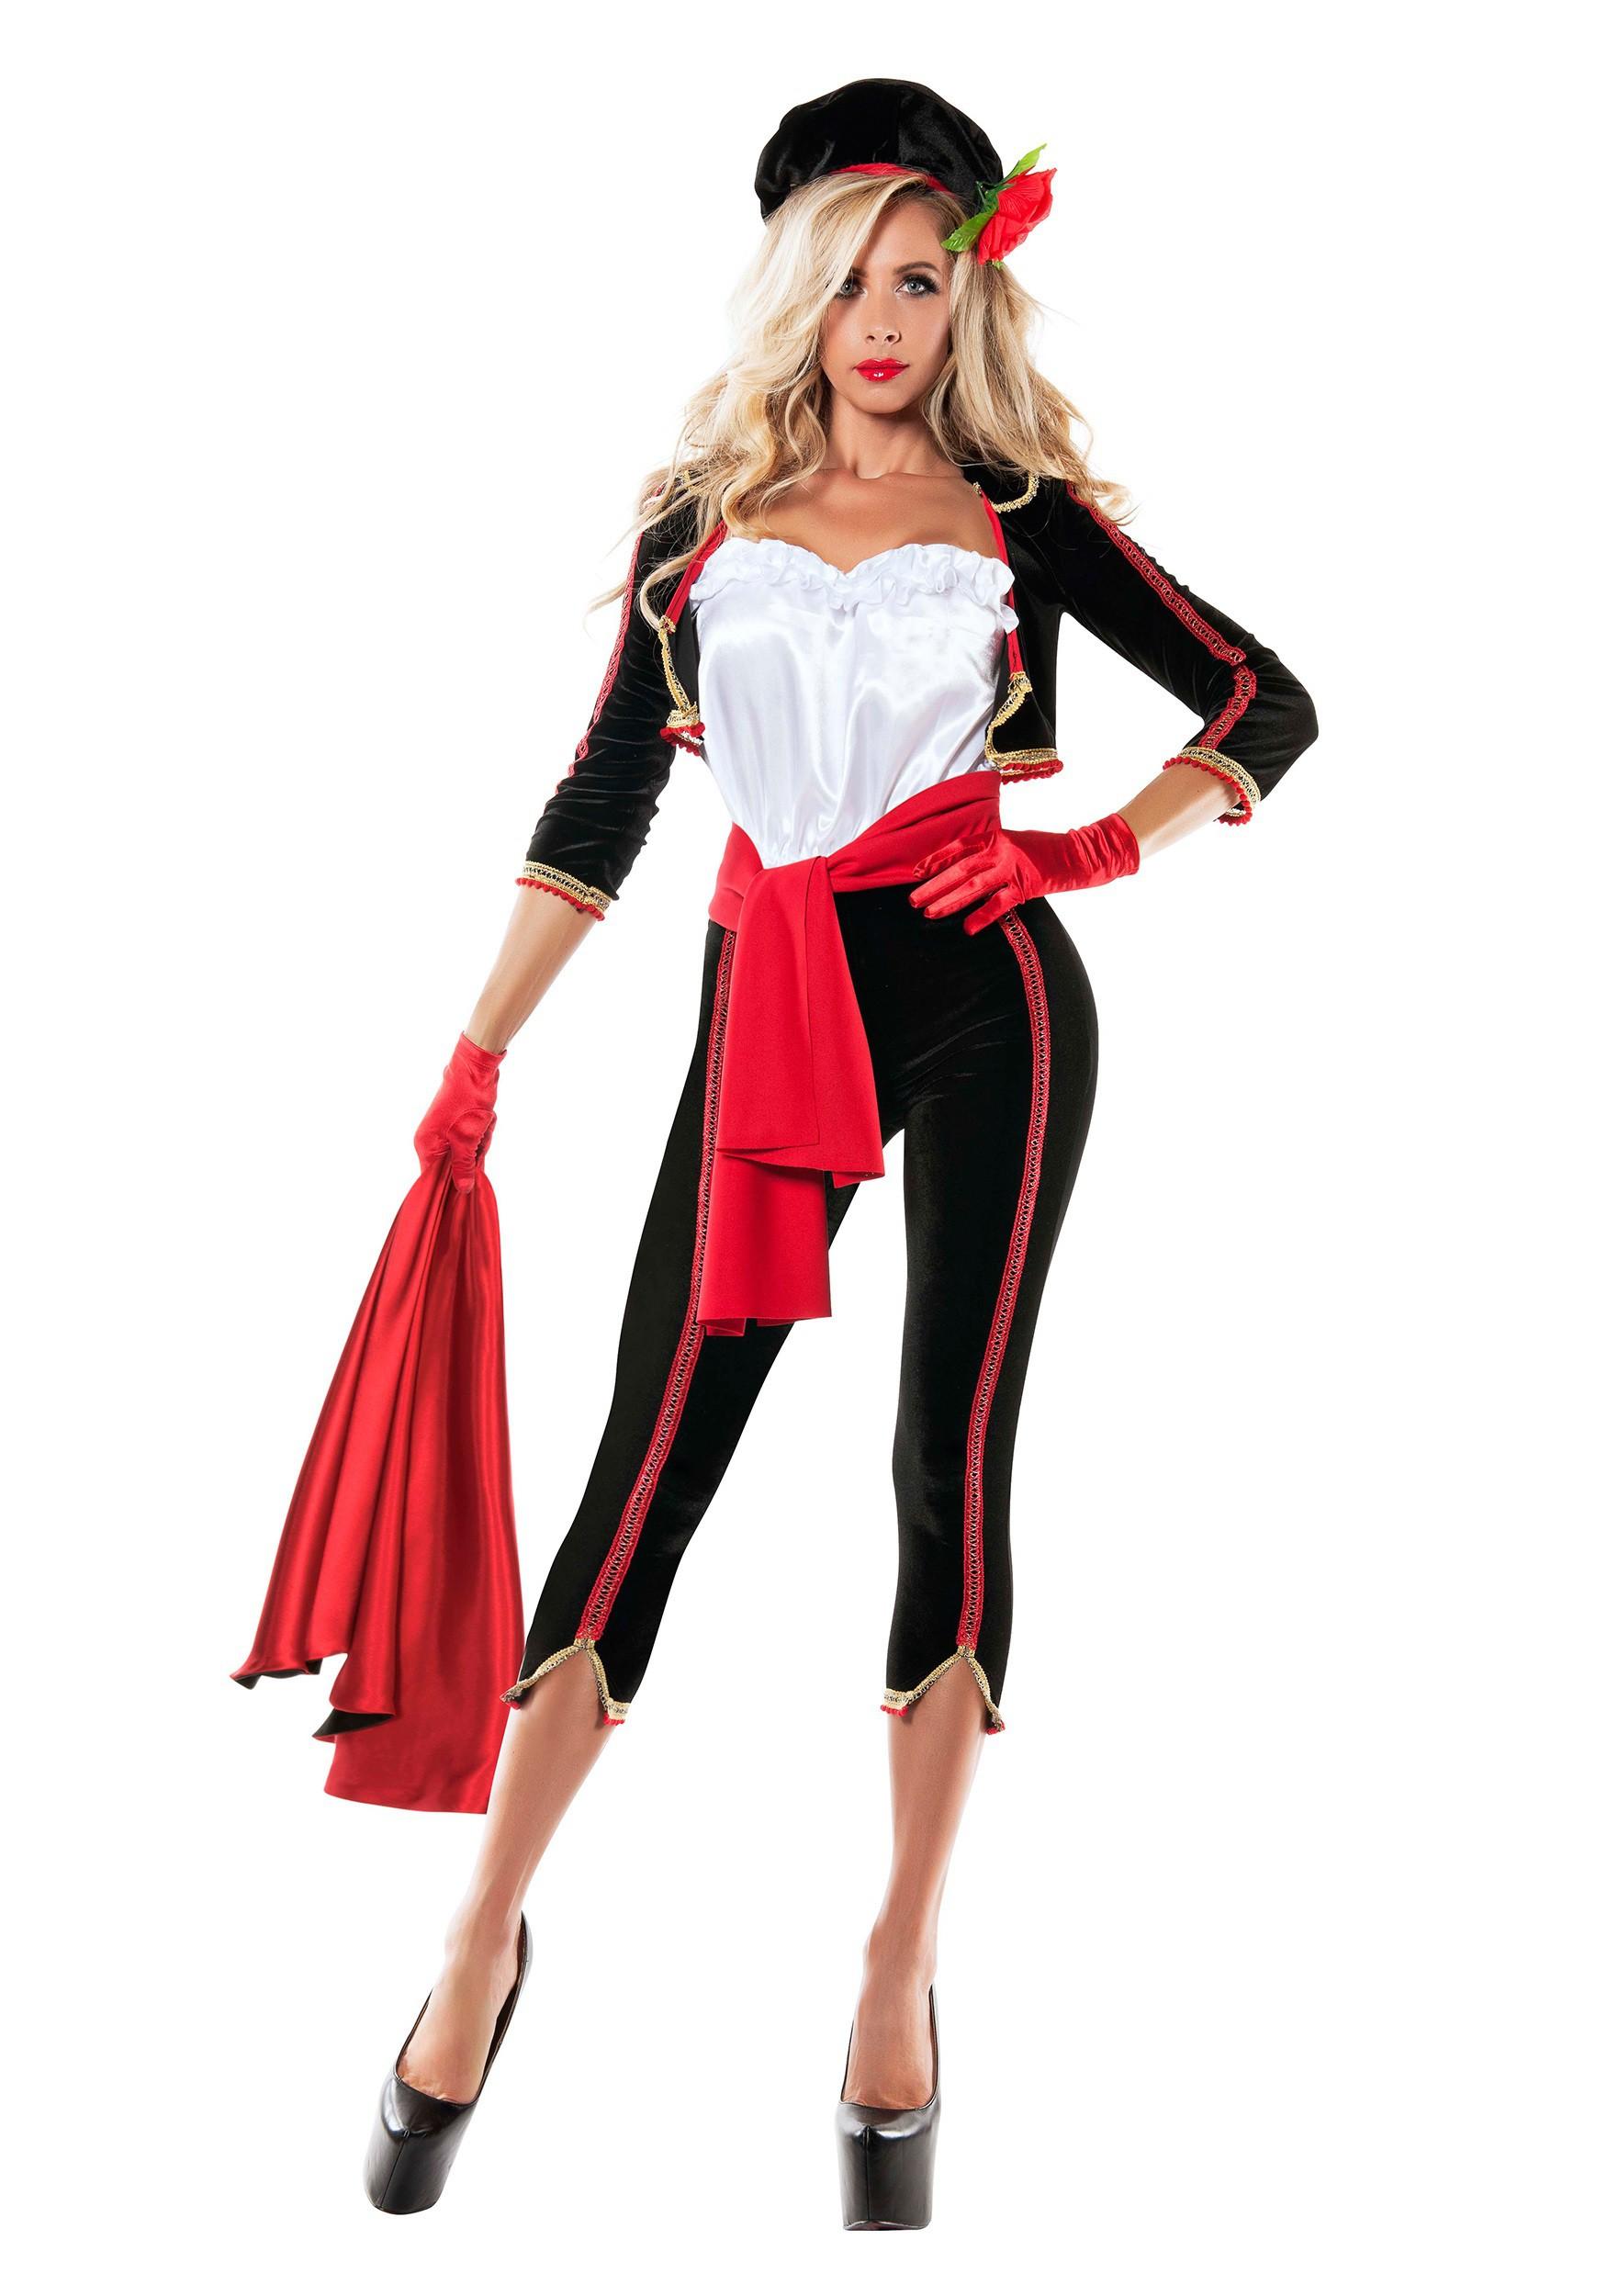 Womenu0027s Matador Costume  sc 1 st  Halloween Costumes & Spanish Matador u0026 Bull Costumes - HalloweenCostumes.com